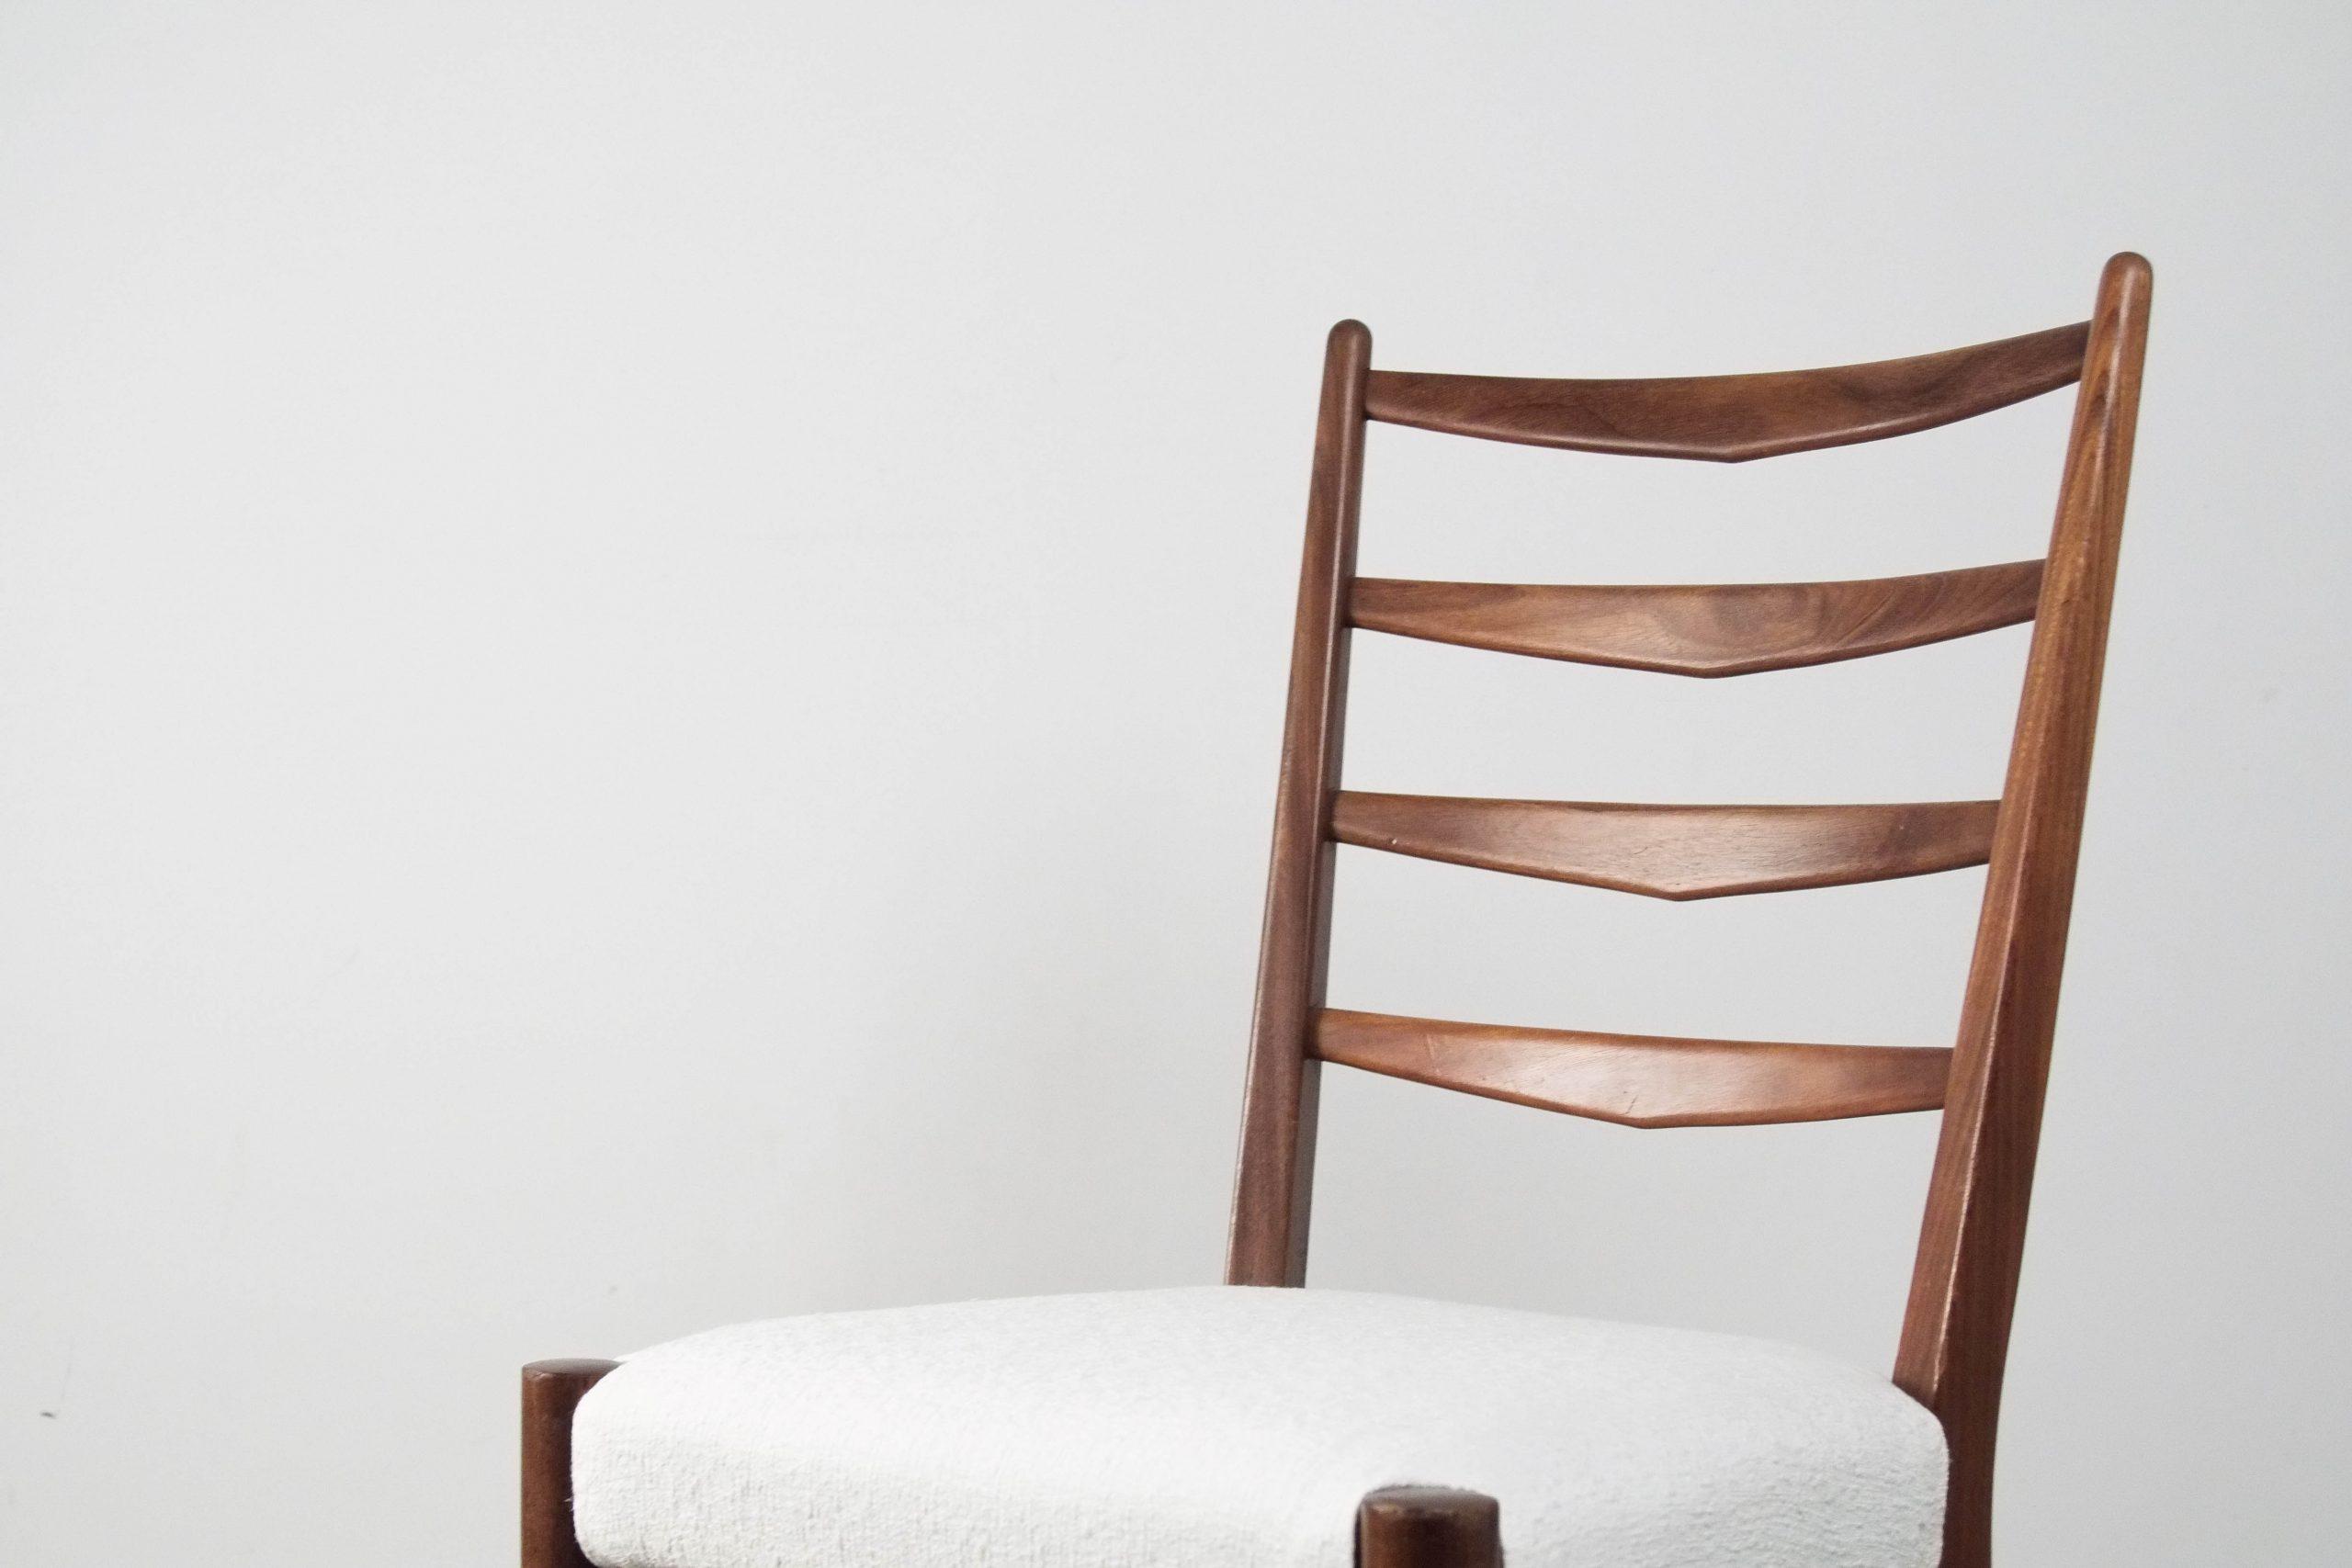 silla de comedor comoda tapizada cees braakman de madera de palosanto tropical